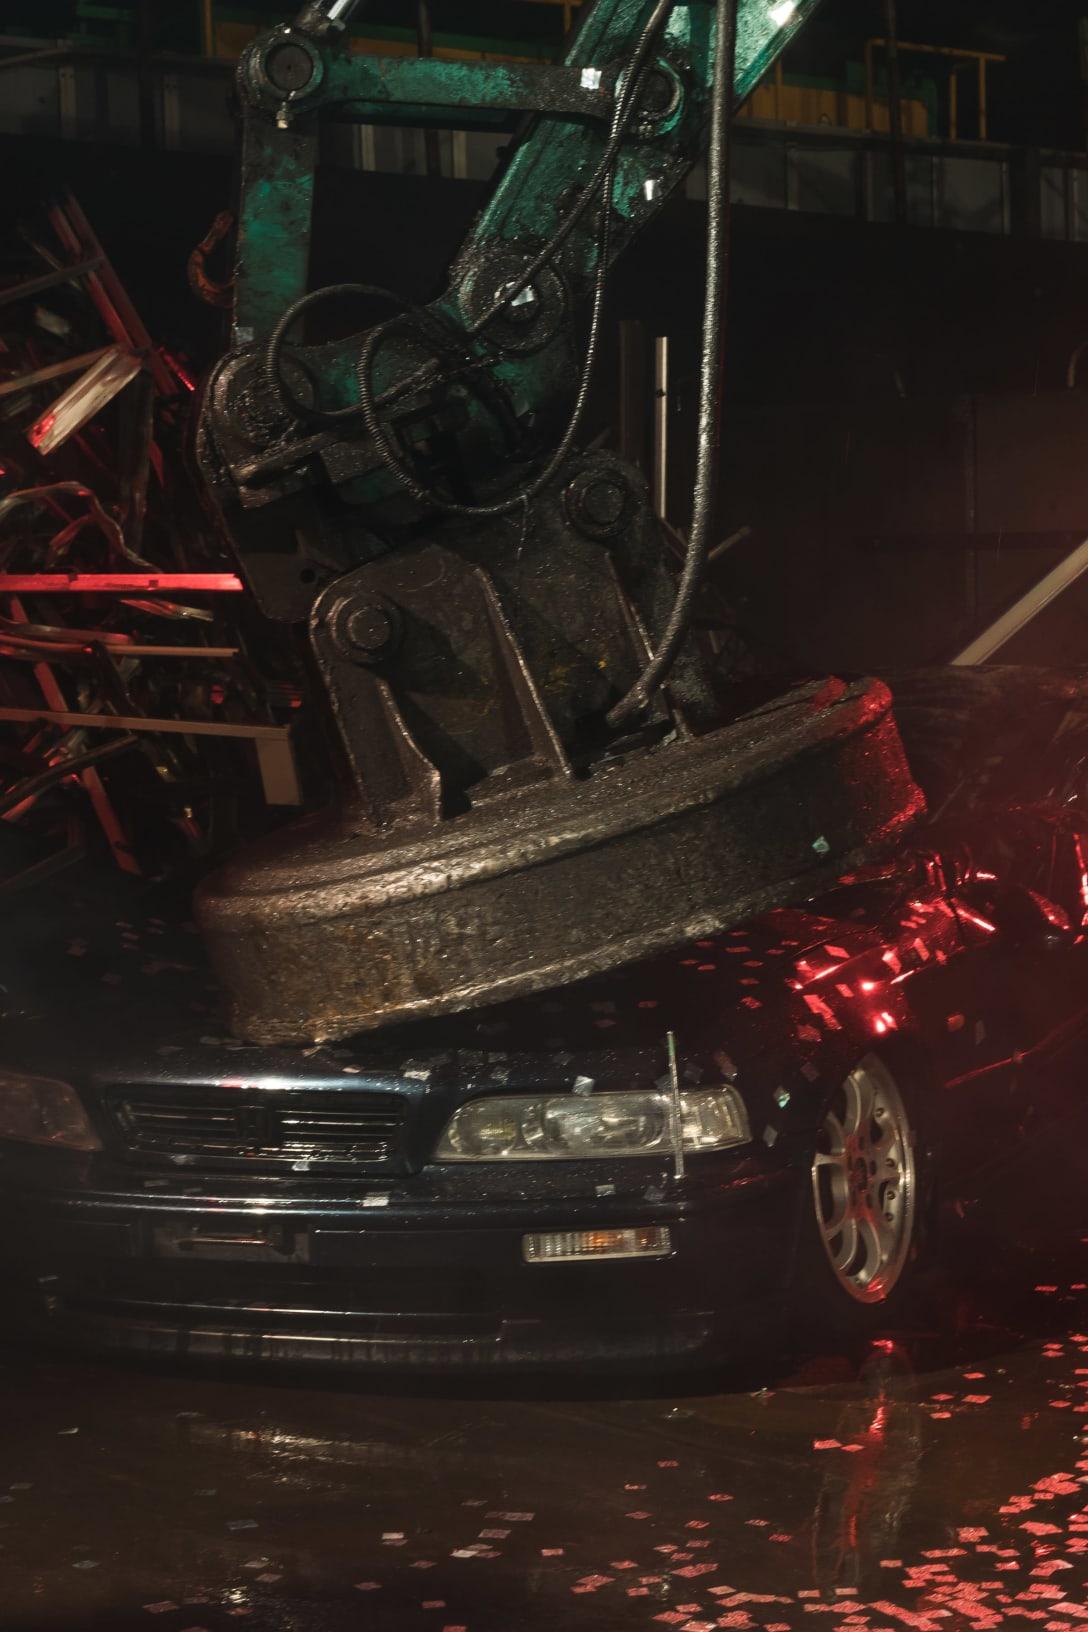 ユンボに潰される車 Image by FASHIONSNAP.COM